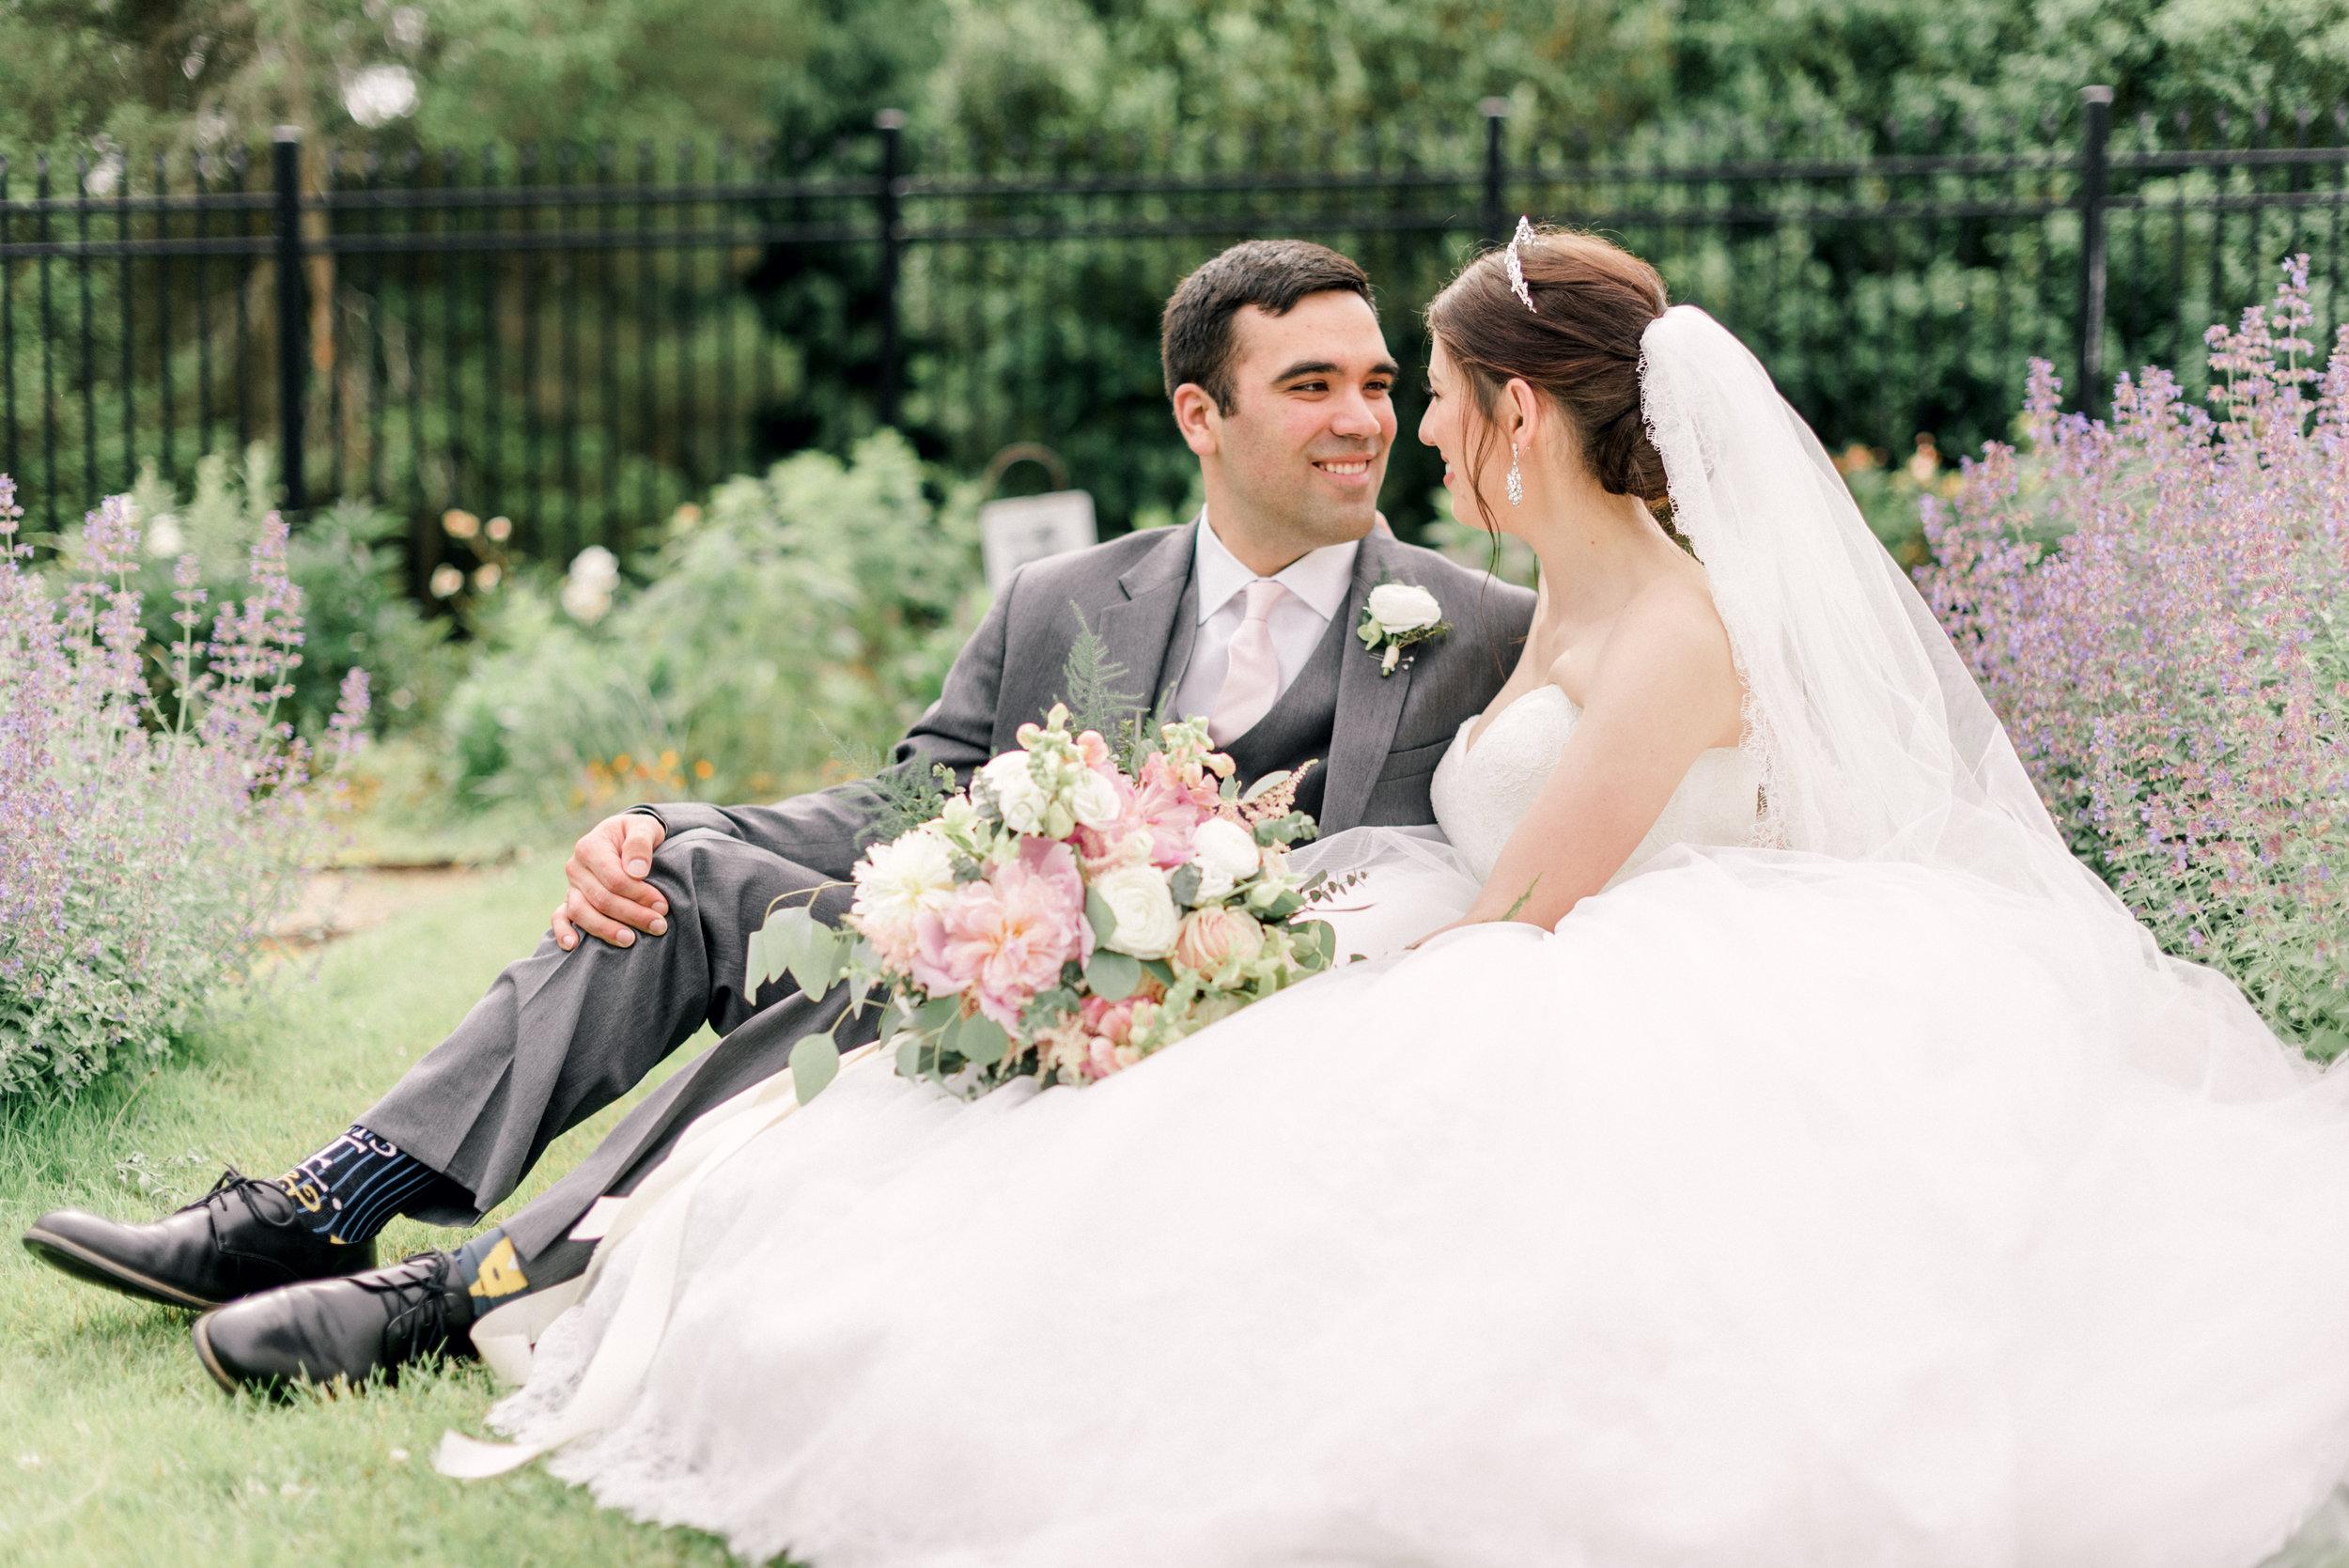 pittsburgh-wedding-photographer-hartwood-acres-0037.jpg